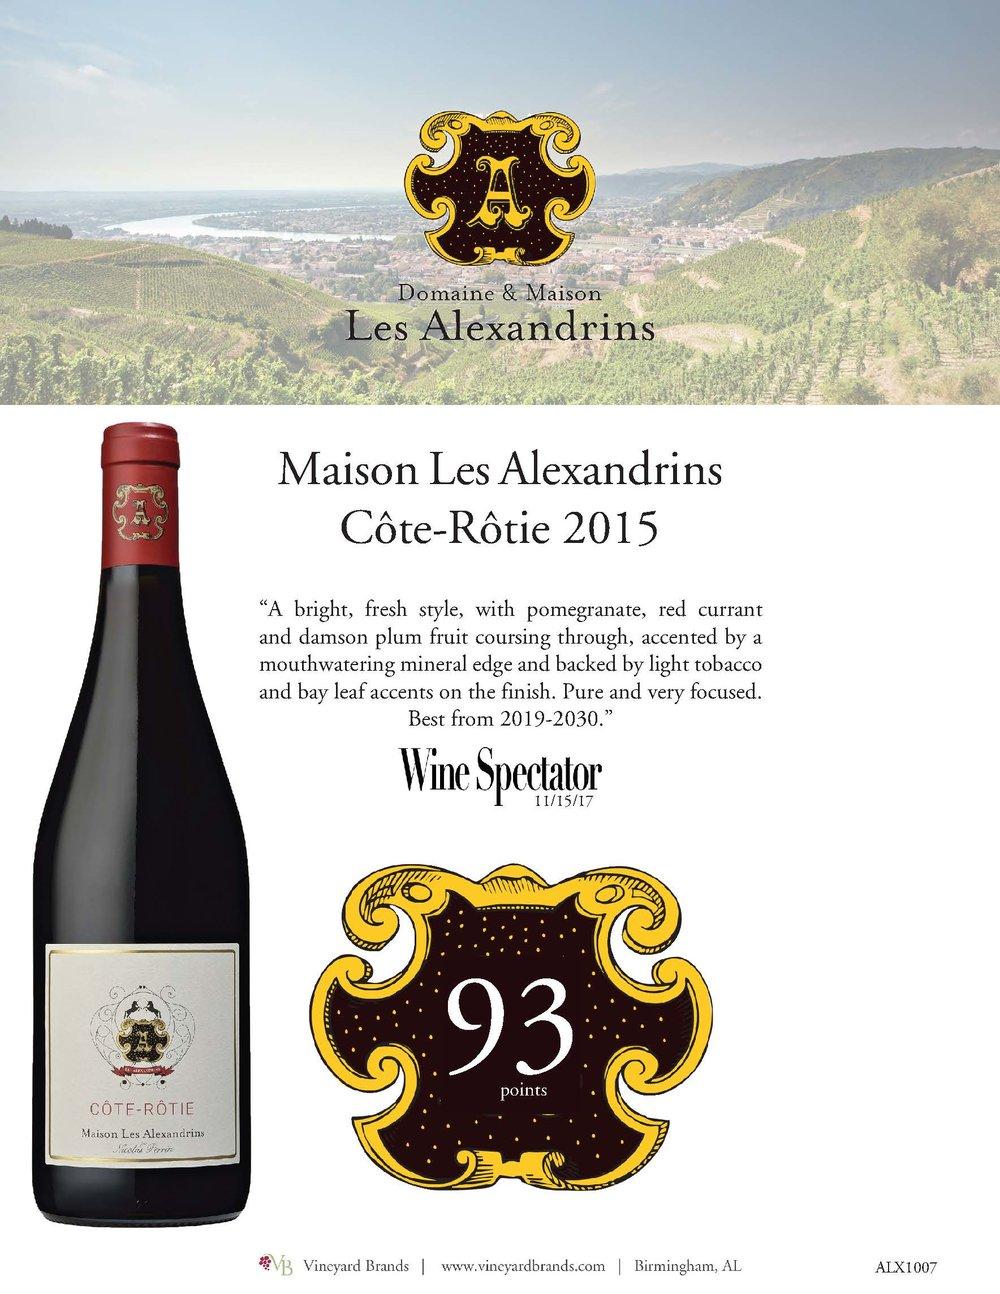 LesAlexandrins_Maison_CoteRotie2015.jpg